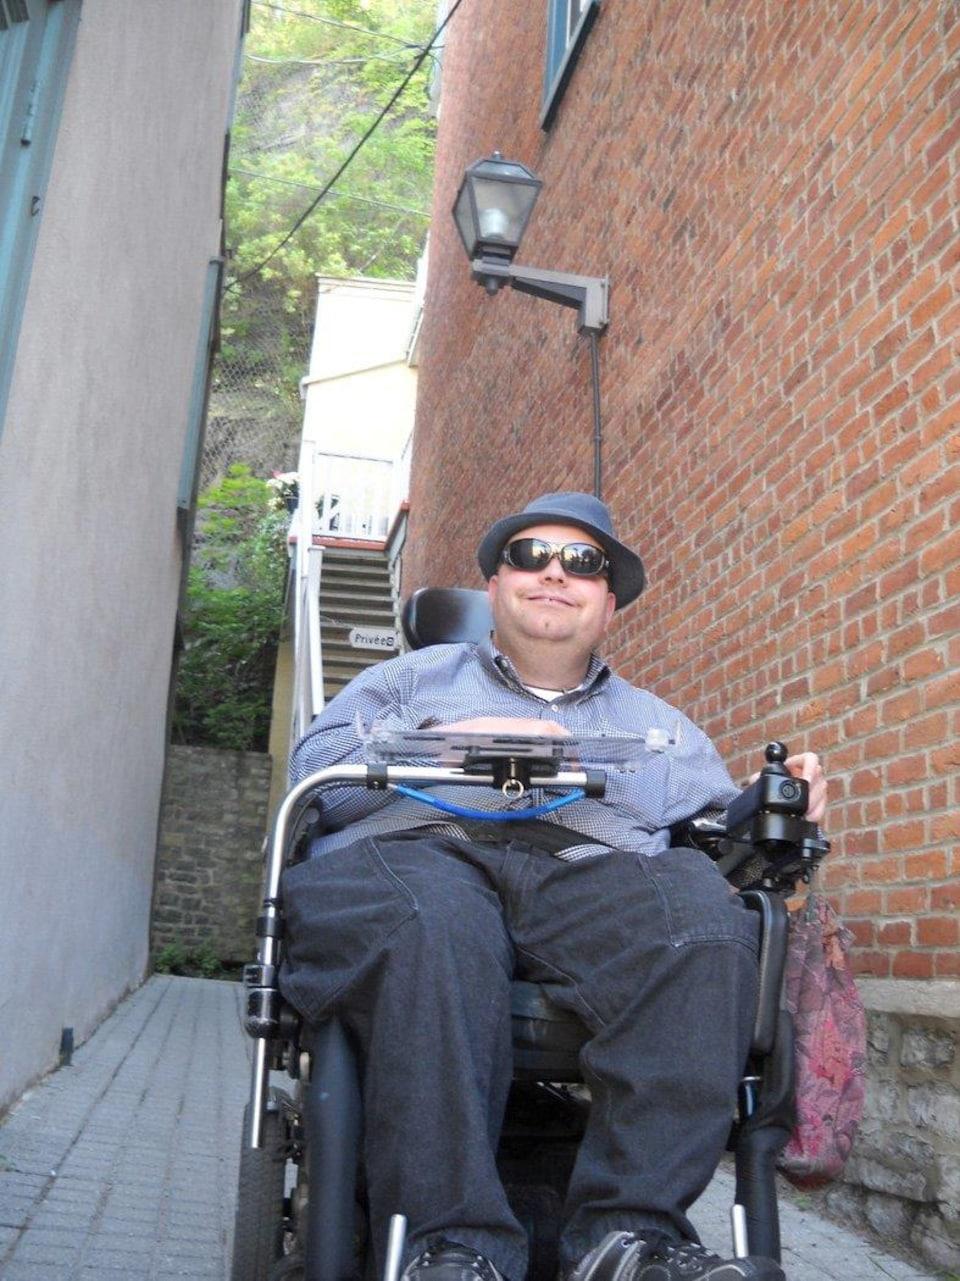 Un homme souriant porte des lunettes-soleil et un chapeau. Il fait face à la caméra. Il est assis dans sa chaise roulante motorisée dans une allée extérieure.